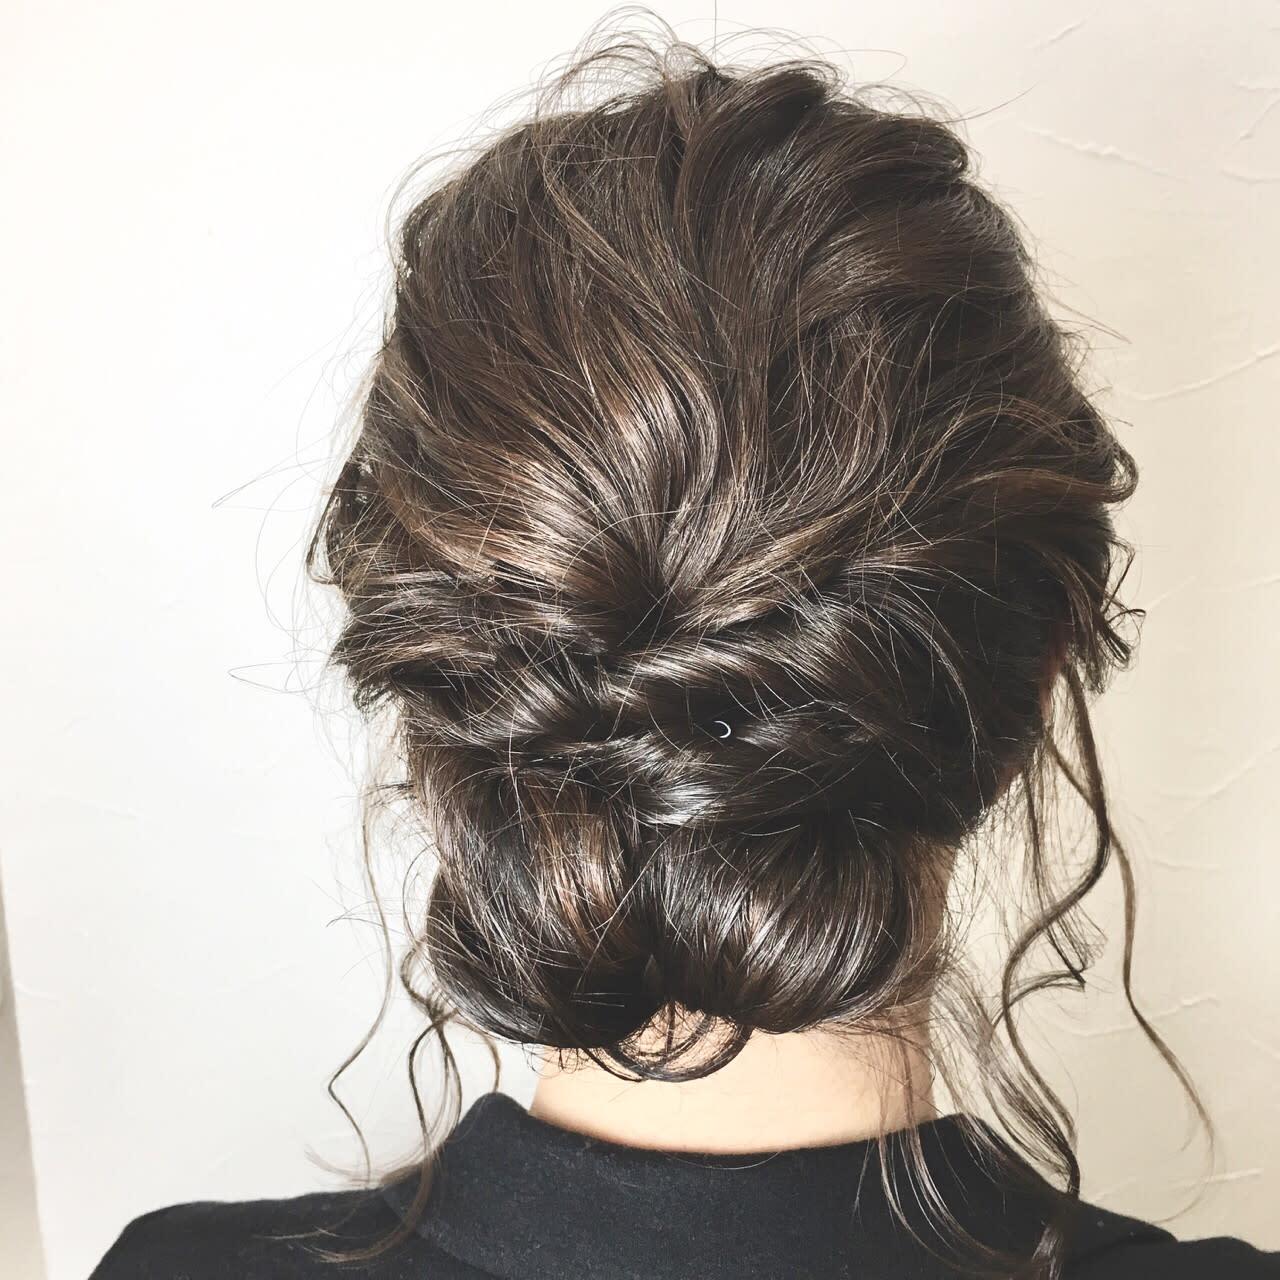 中長髮女孩,就綁個翻轉髮辮展現俐落感